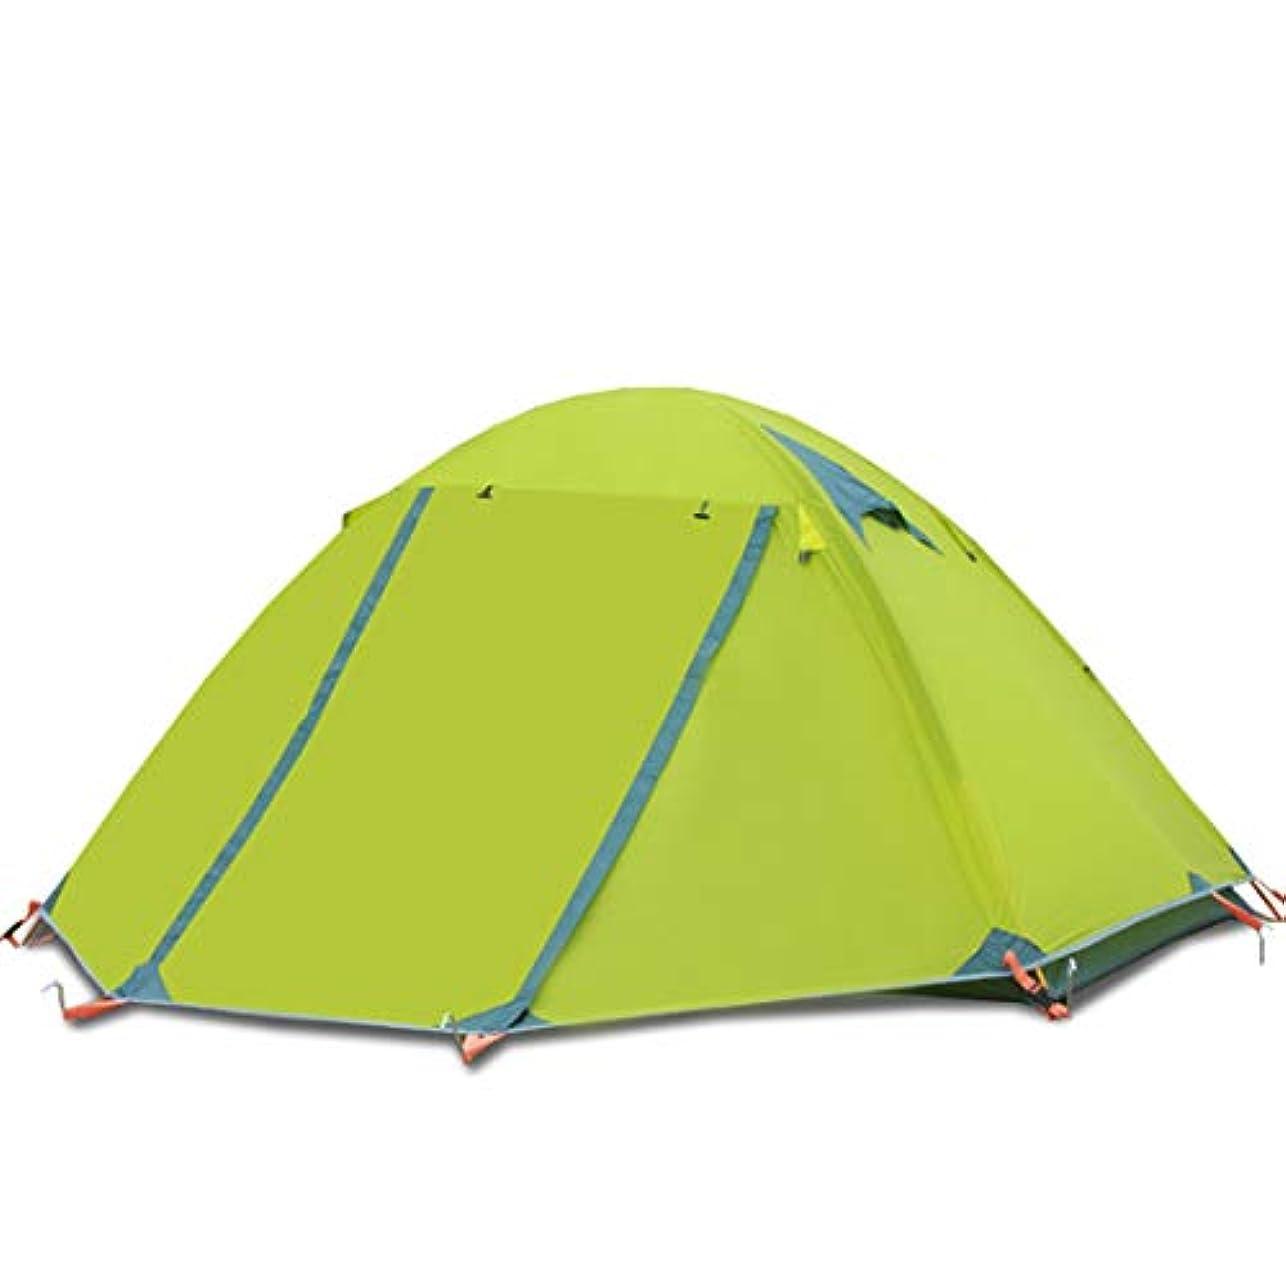 集計キャンペーン電子Nekovan 登山テントアウトドアキャンプ用品は3-4人を収容することができますアウトドアアスリートに適したダブルアルミポールアウトドアウィンドとレインストーム防水テント (色 : オレンジ)